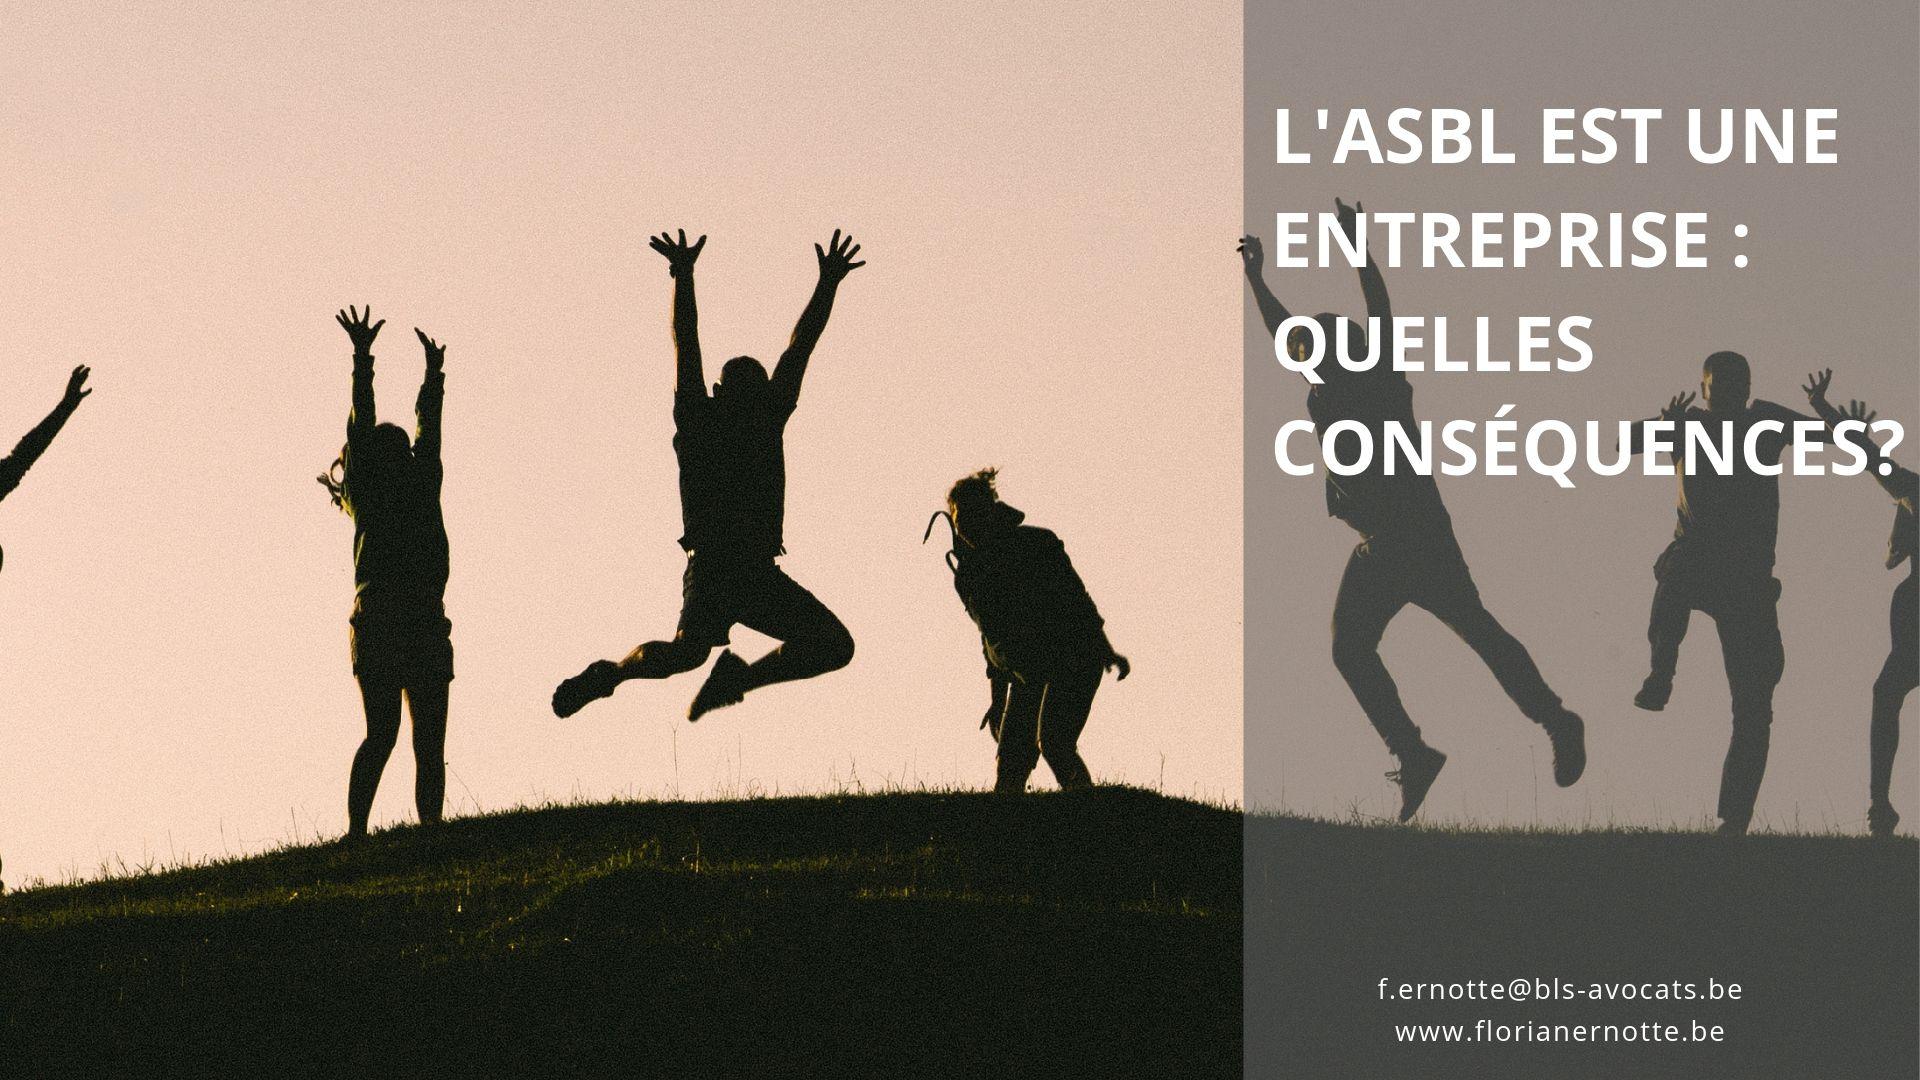 L'ASBL est une entreprise : quelles conséquences?